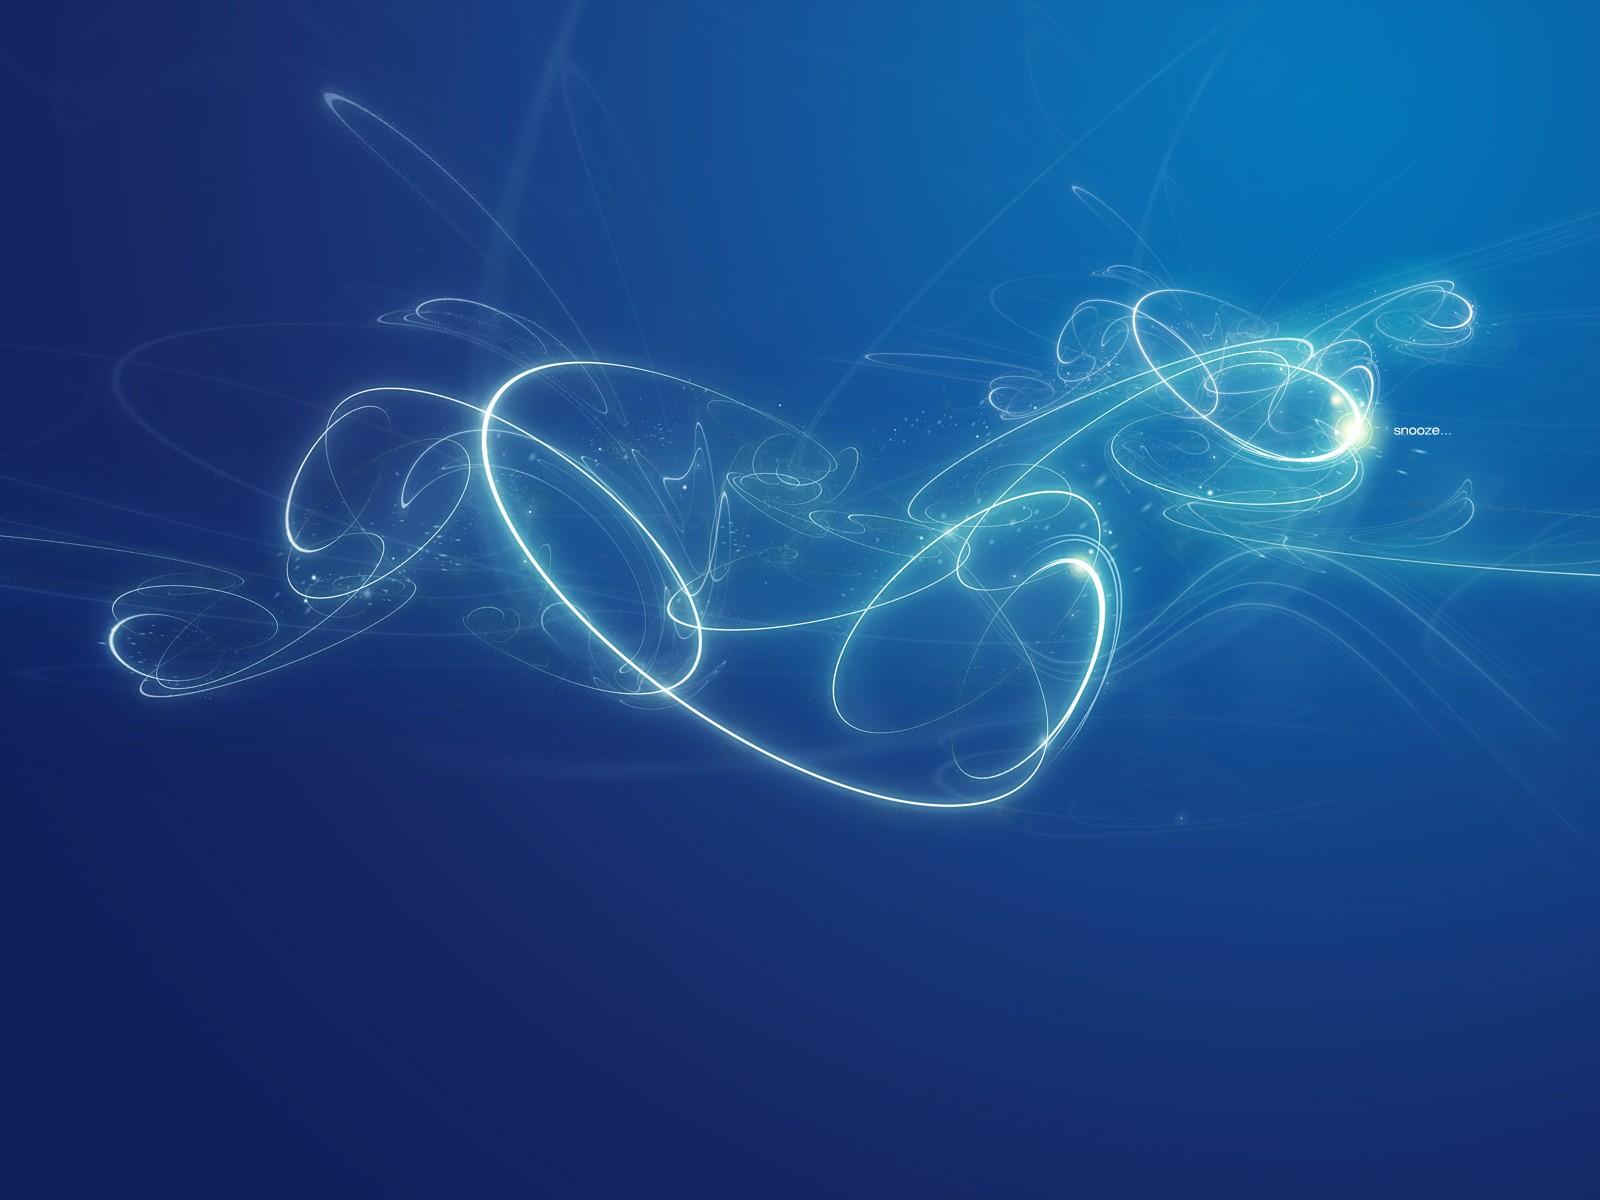 Sfondi Illustrazione Astratto Blu Subacqueo Cerchio Onda